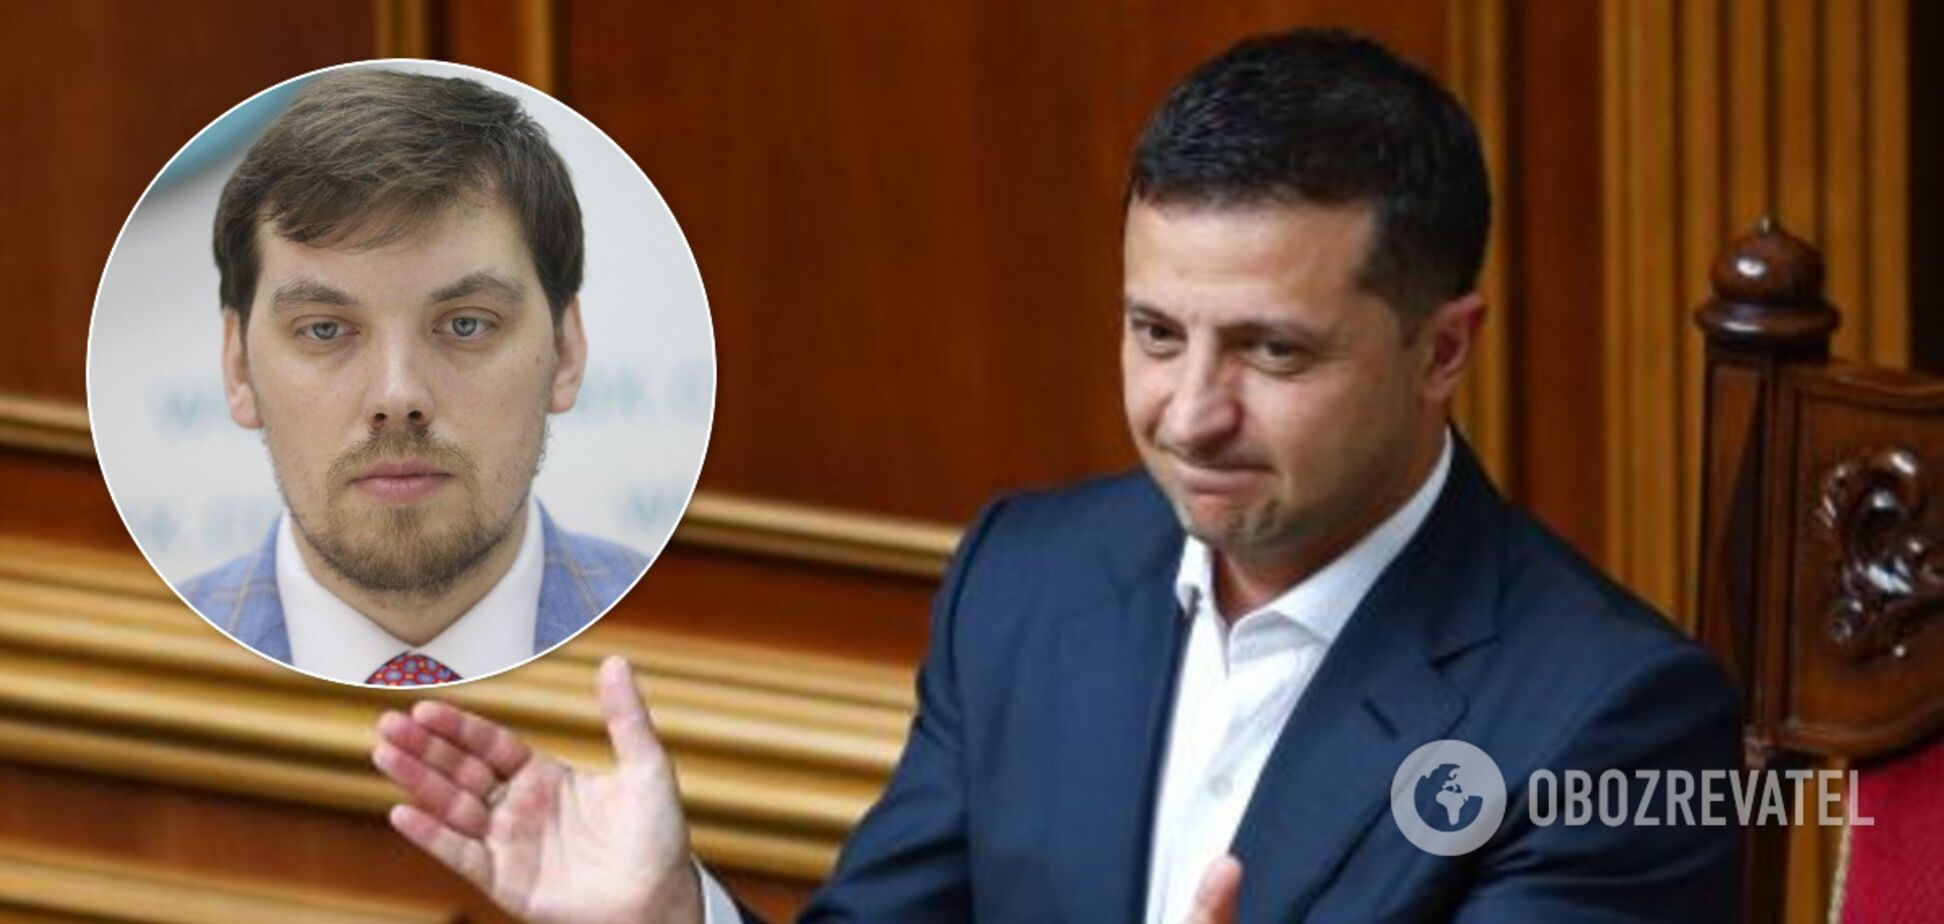 Зеленський може зняти Гончарука з крісла прем'єра